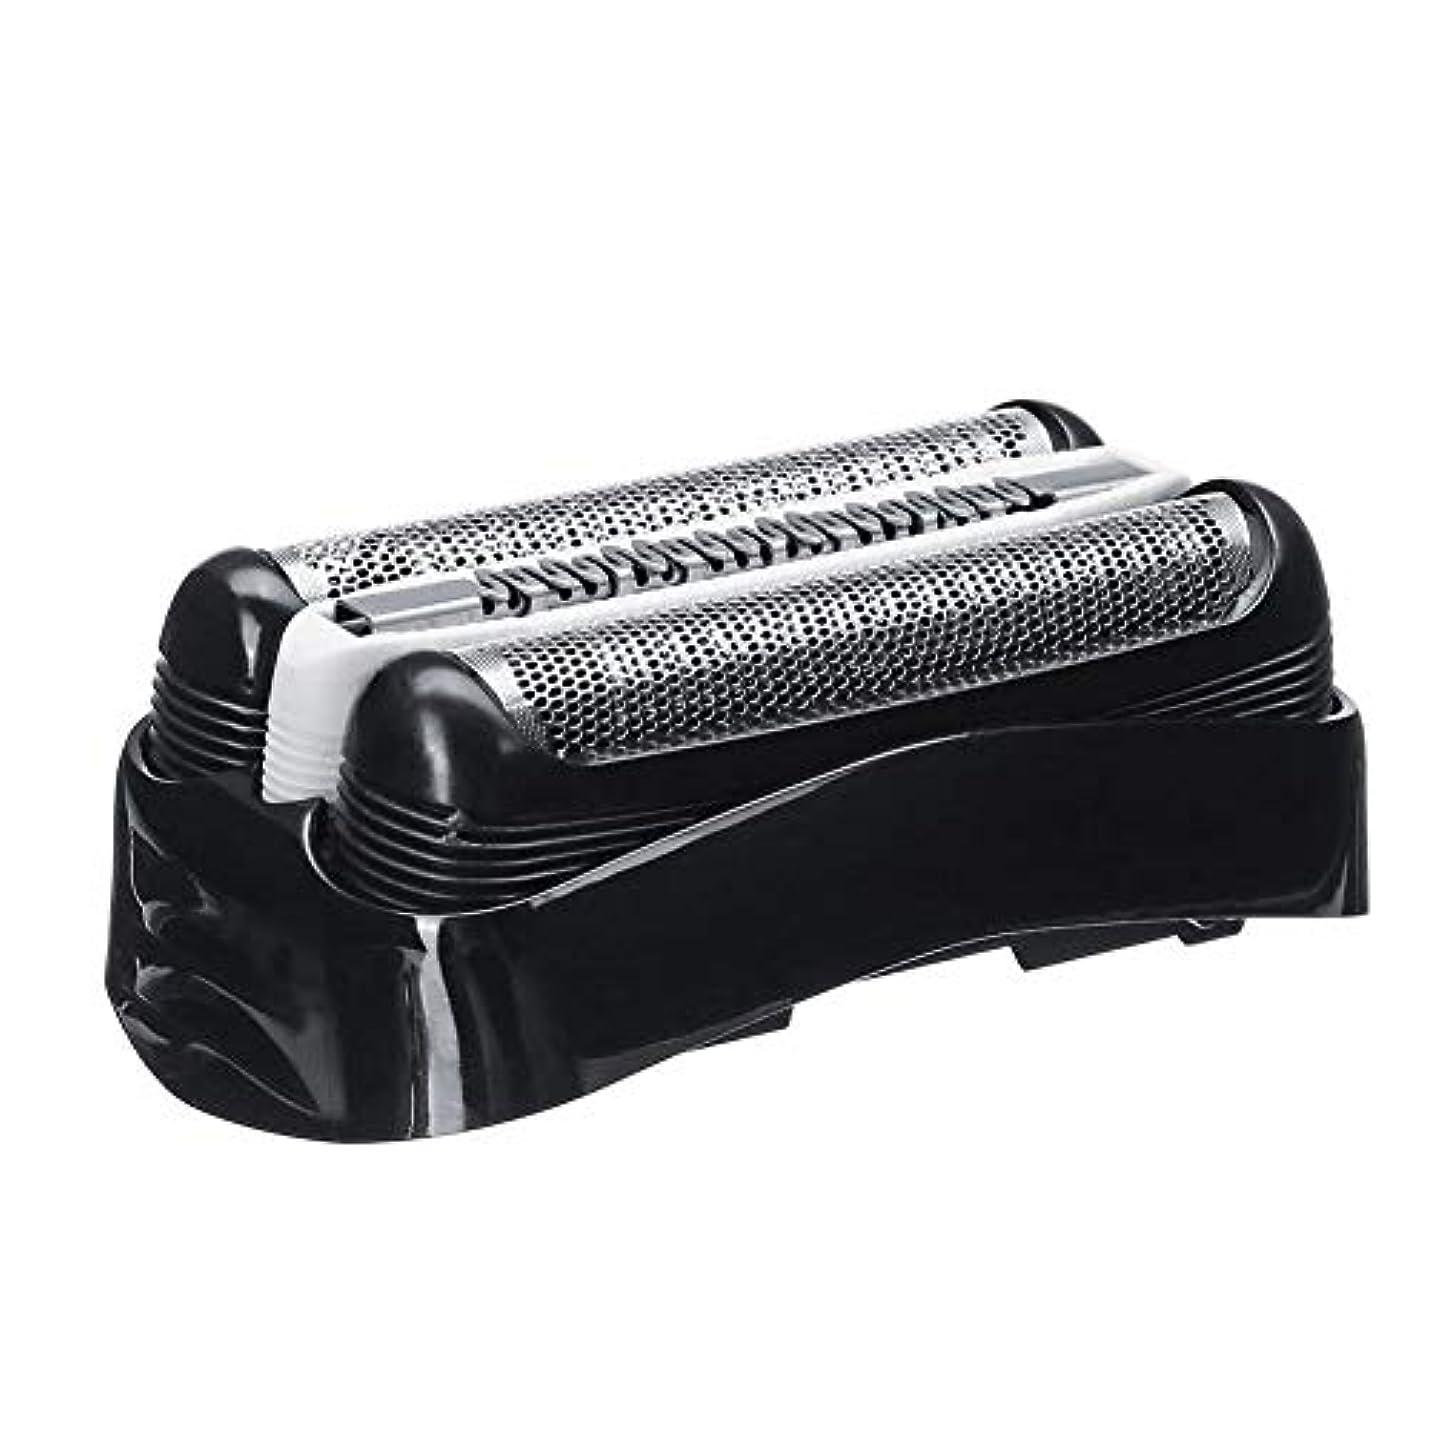 小さな皮肉ファンブルシェーバー替刃 Braunシリーズ3用 メンズシェーバー32B用 セット刃 シェーバー交換部品 電気シェーバー交換ヘッドカミソリアクセサリ for Braun Series 3